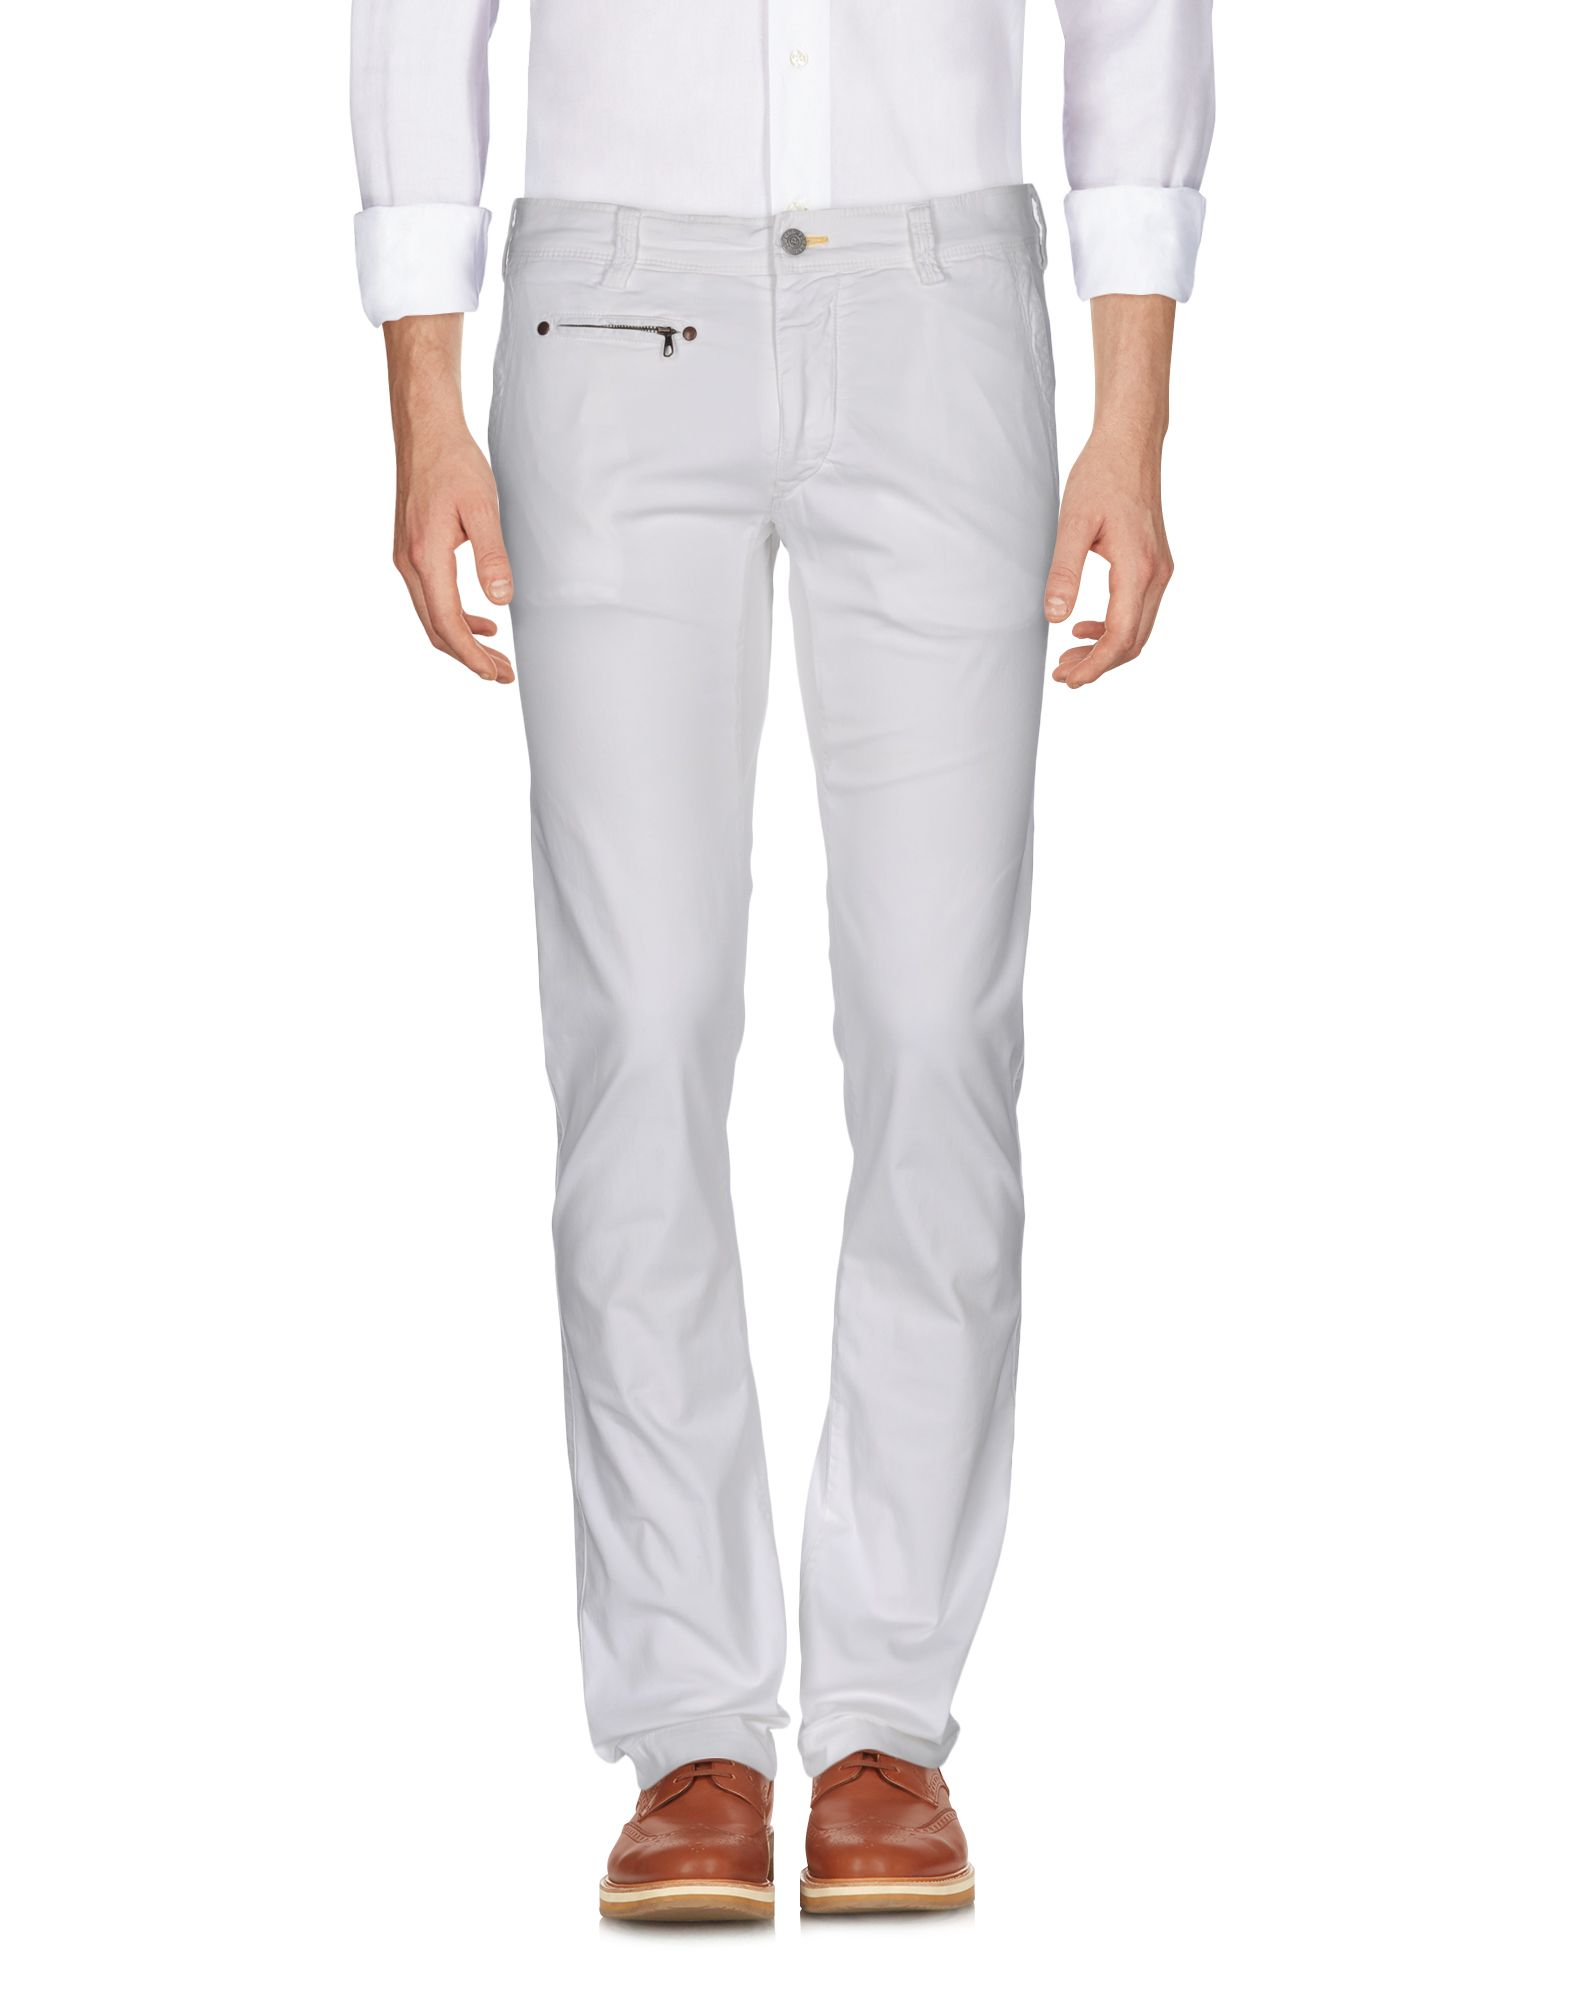 POWELL AND MARKET Повседневные брюки молния для одежды yw market 80 ab 80cm